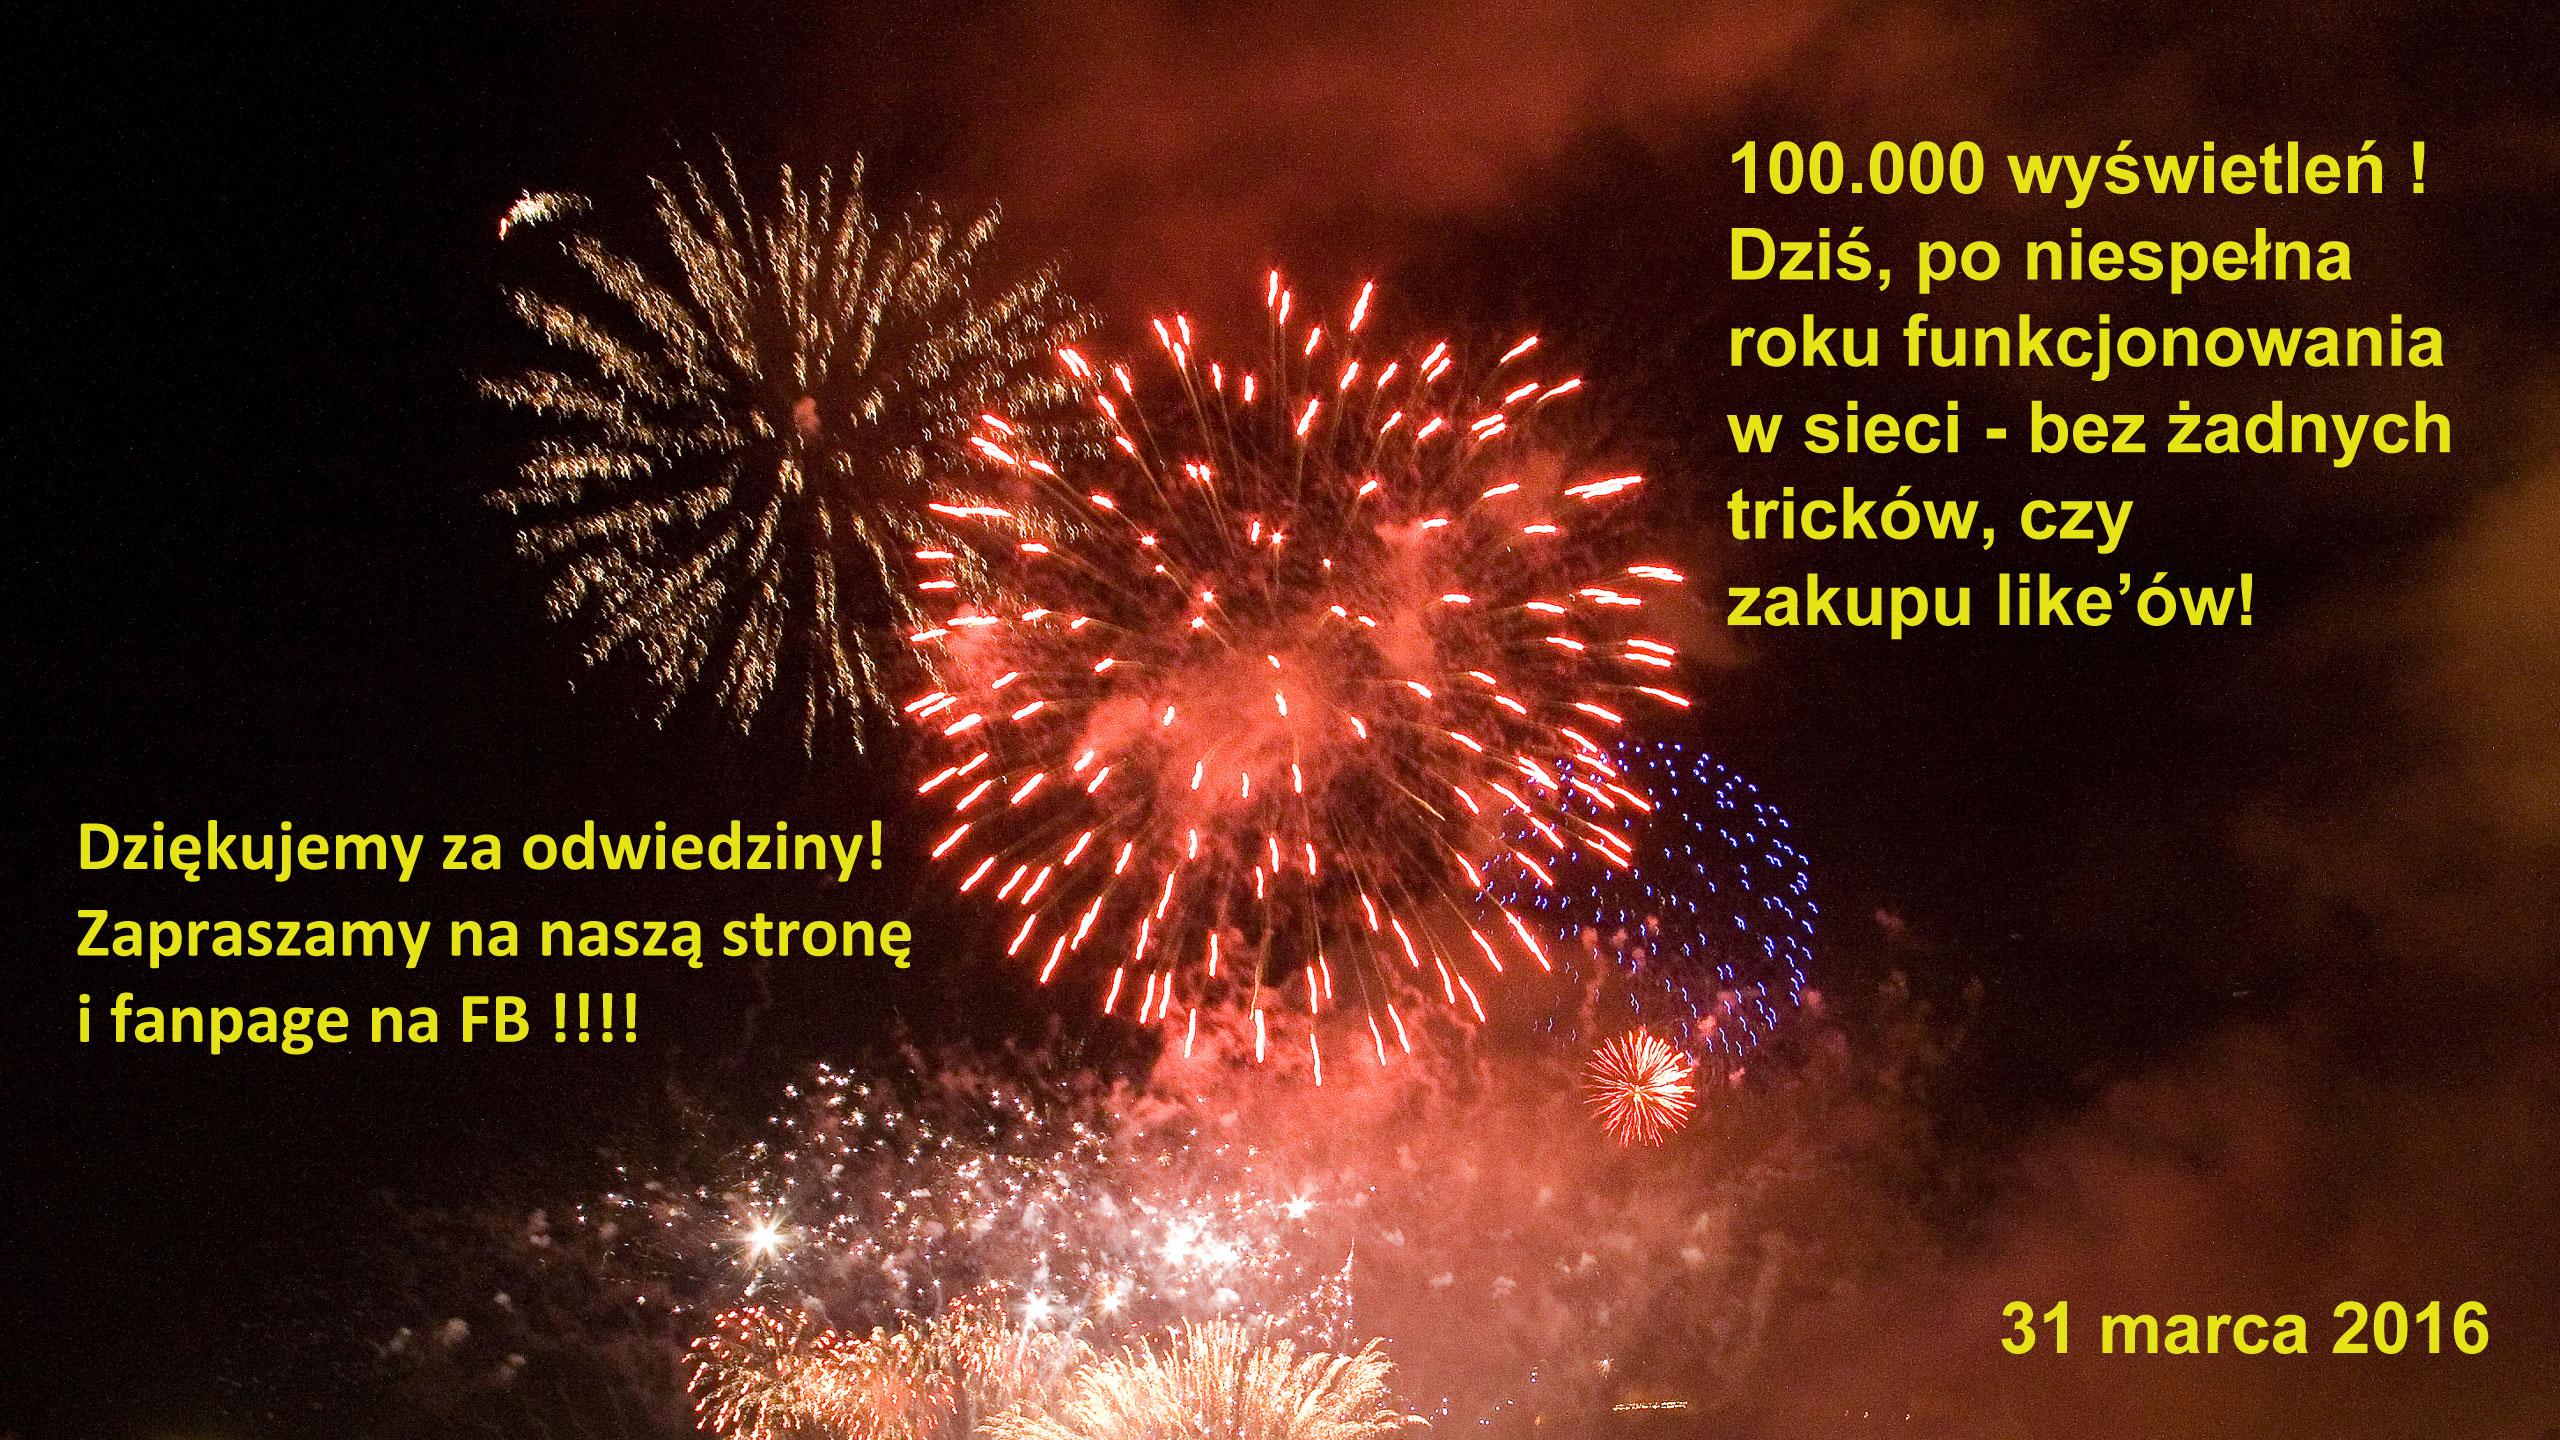 100.000 wyświetleń – nasz 1. jubileusz!